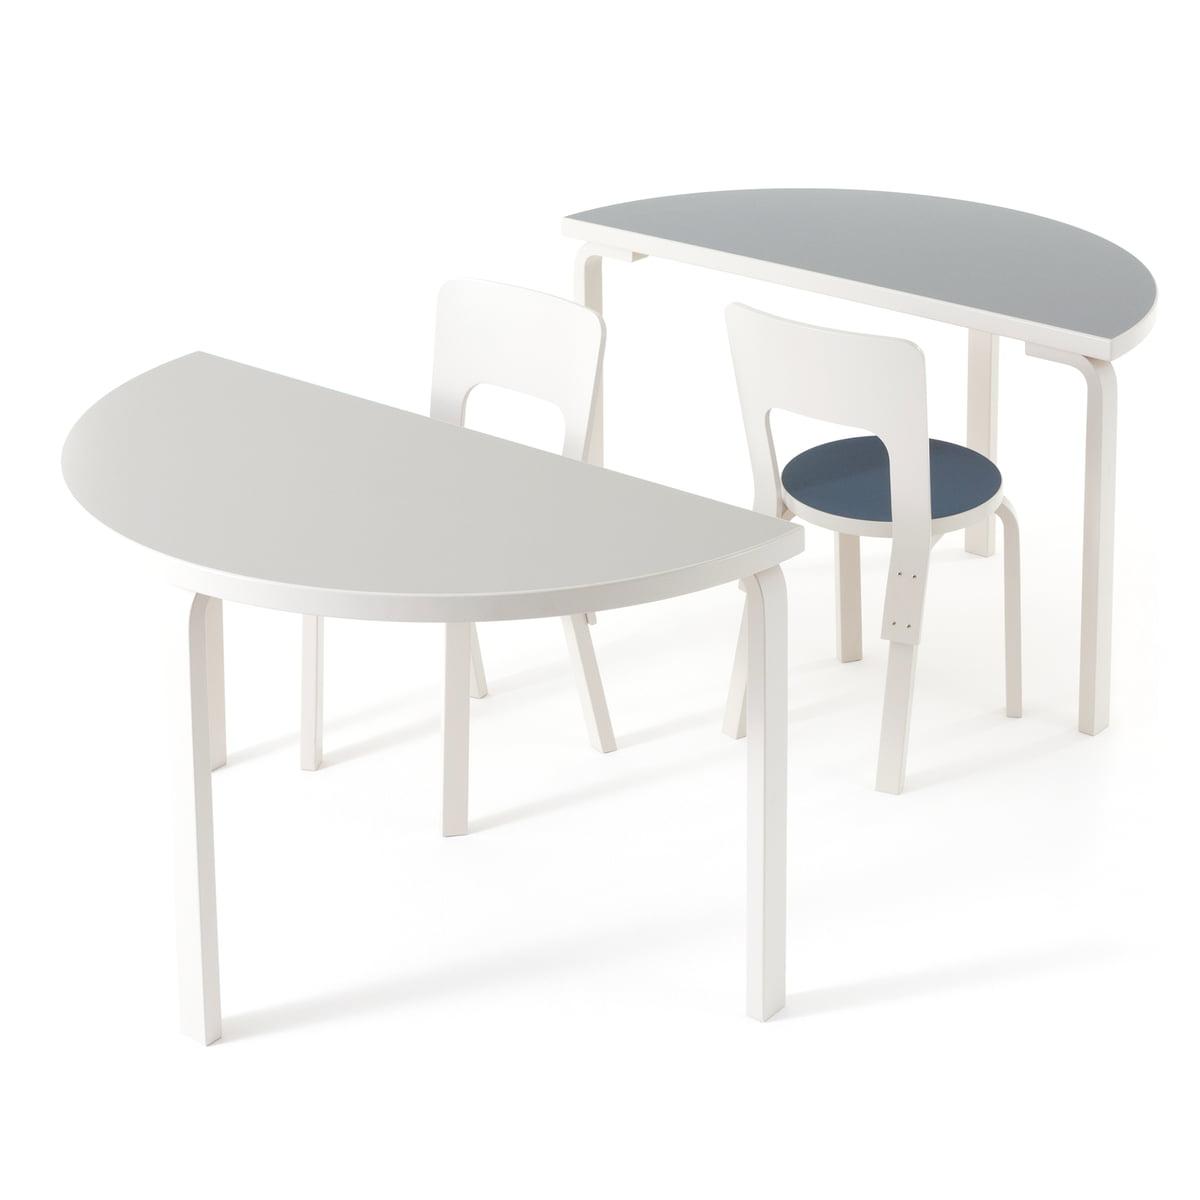 95 tisch von artek connox shop. Black Bedroom Furniture Sets. Home Design Ideas